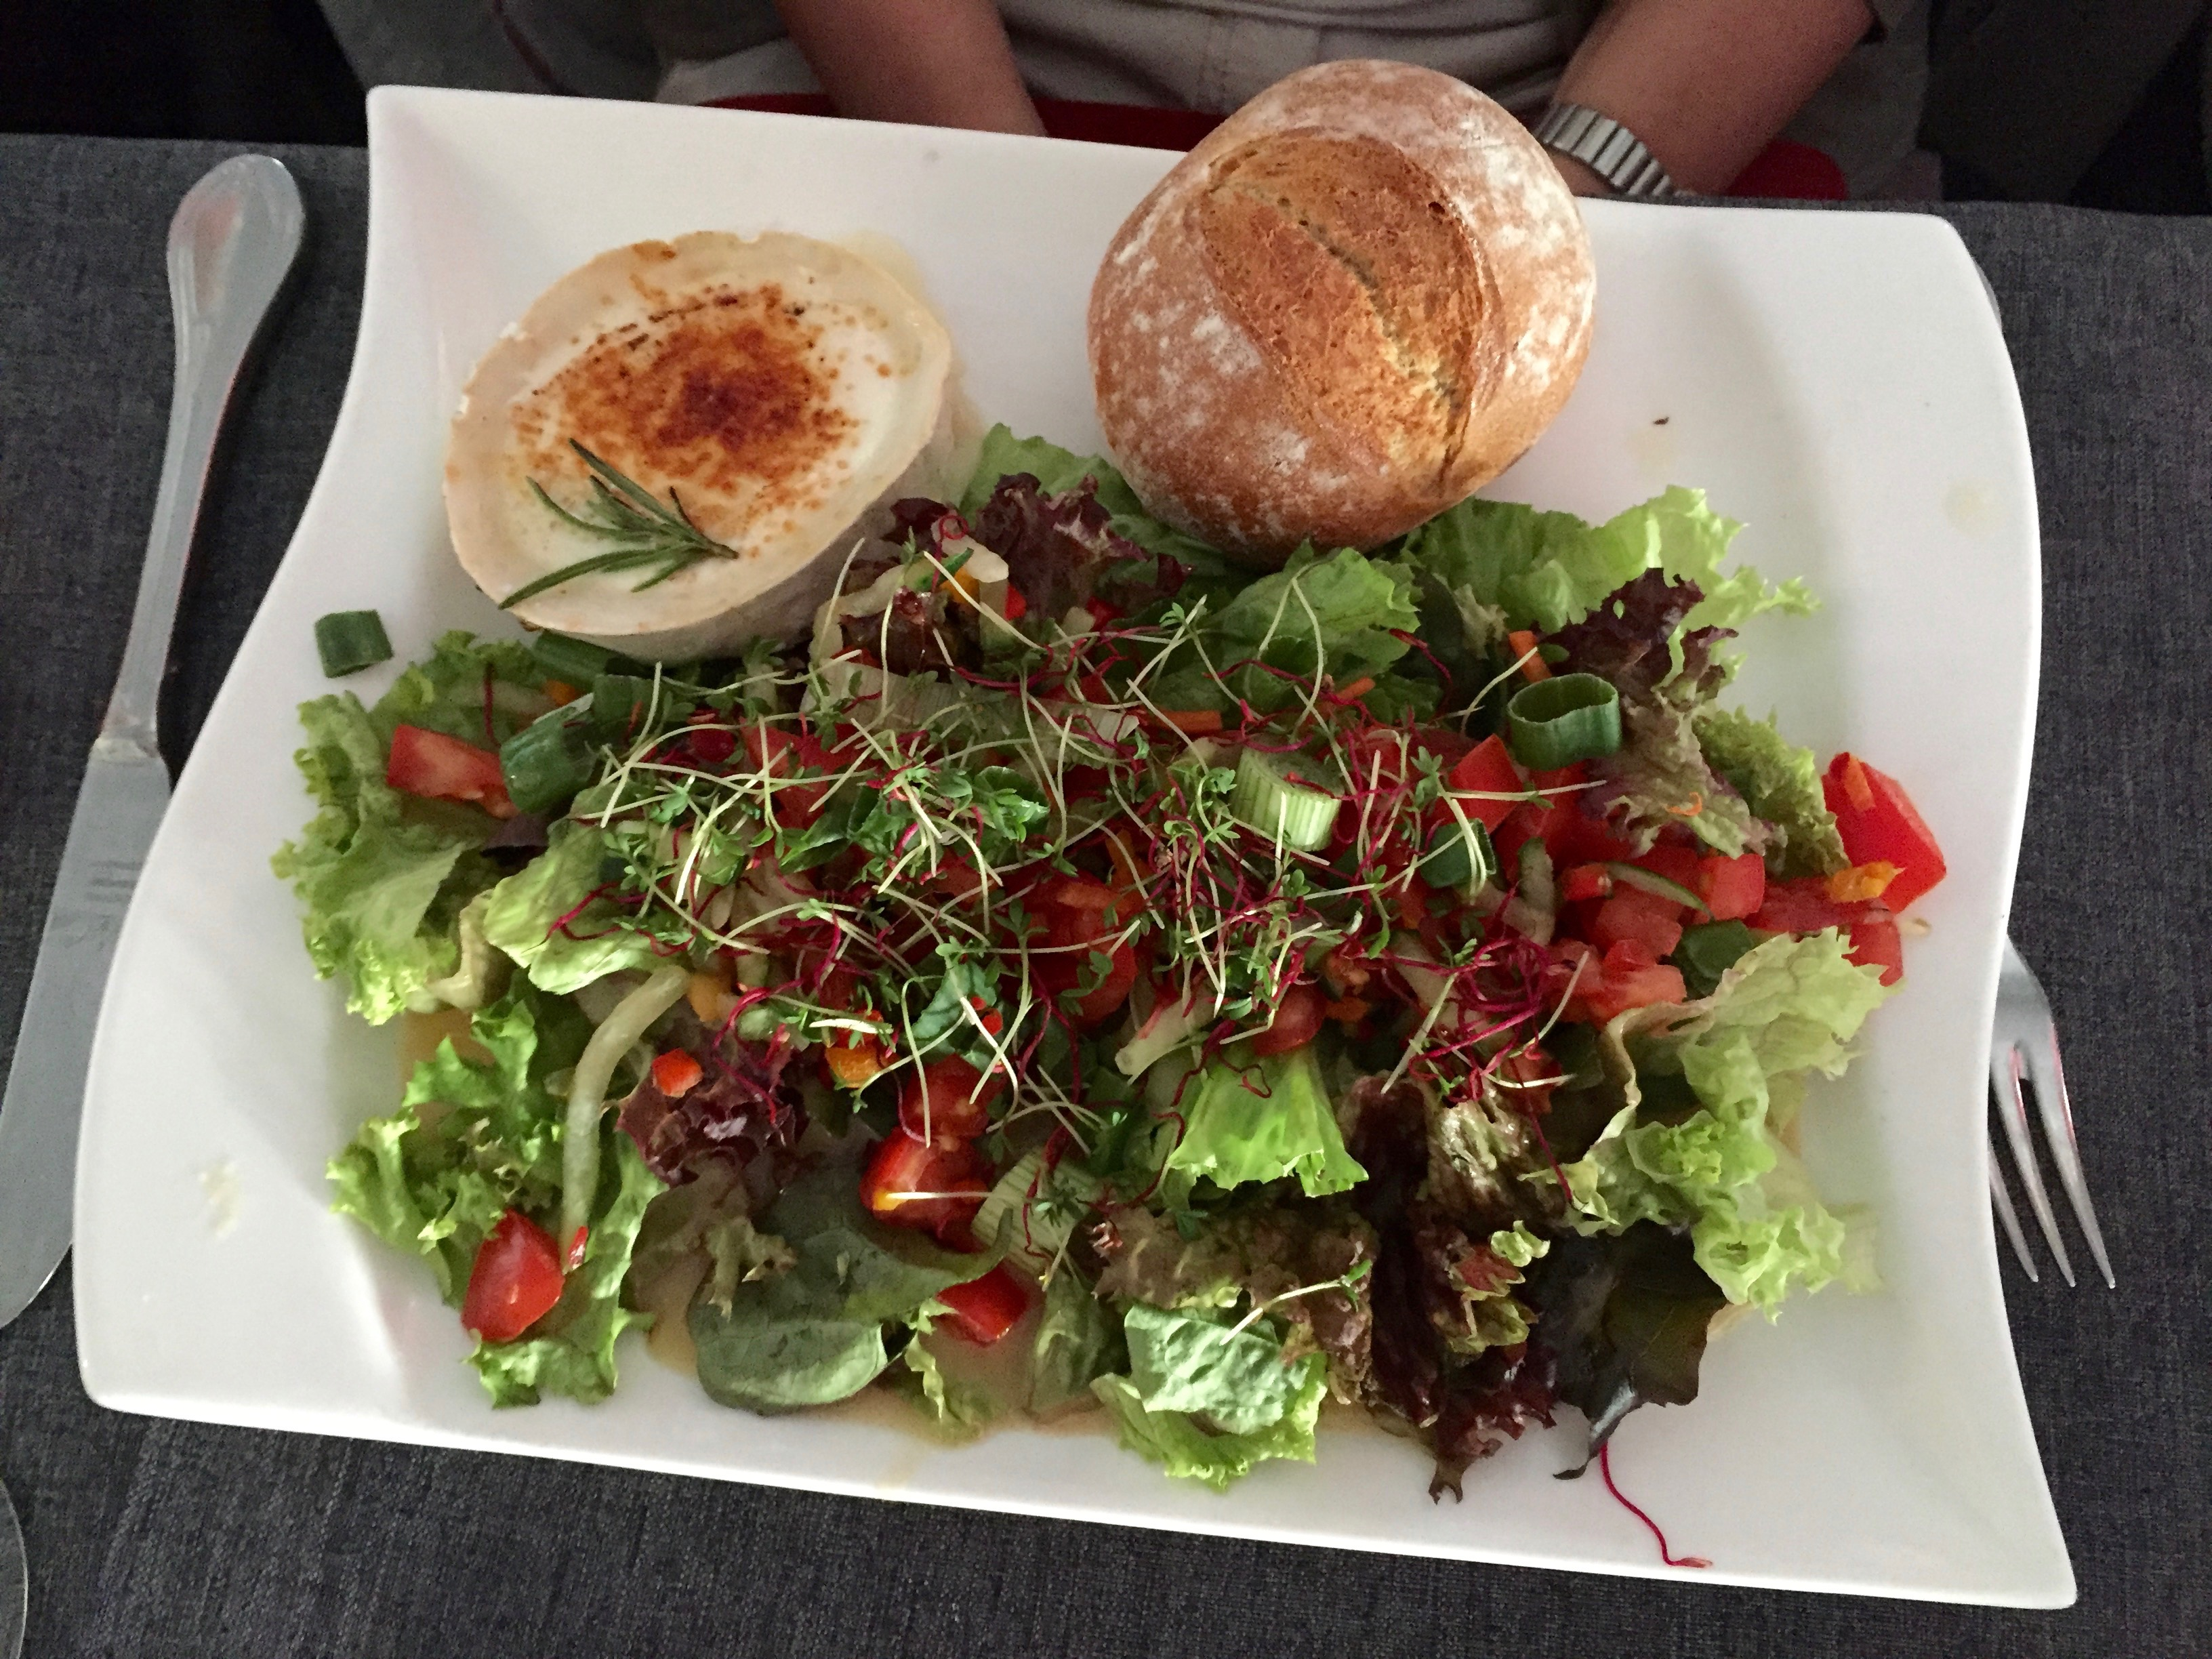 gebackener Ziegenkäse, Blattsalate,Rohkost, Weintrauben und Brot